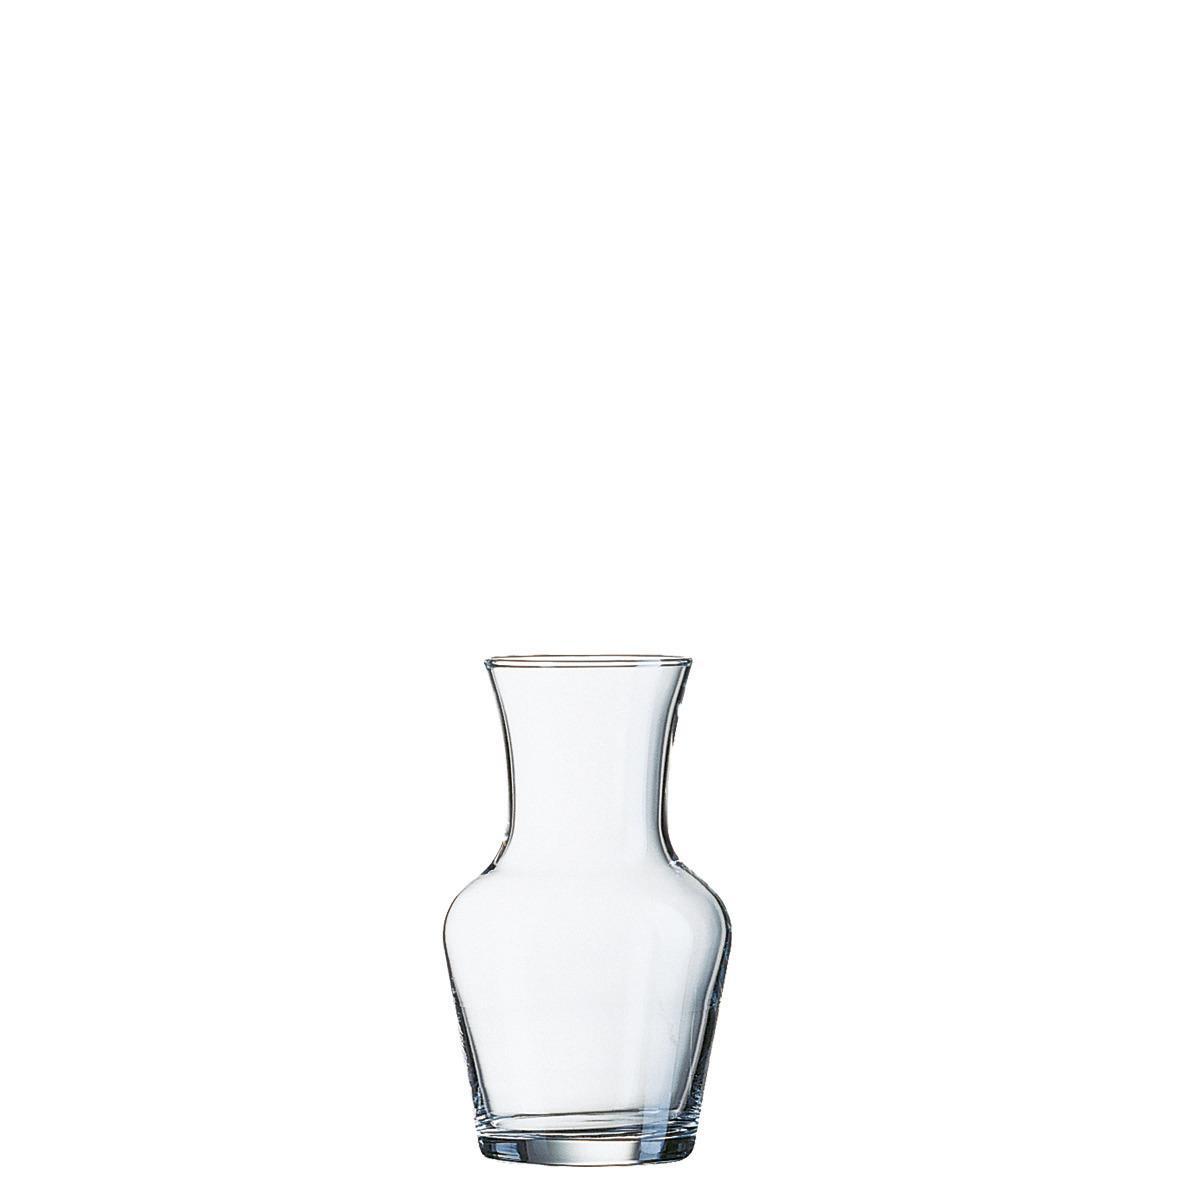 Glaskaraffe 72 mm / 0,31 l 0,25 /-/ transparent